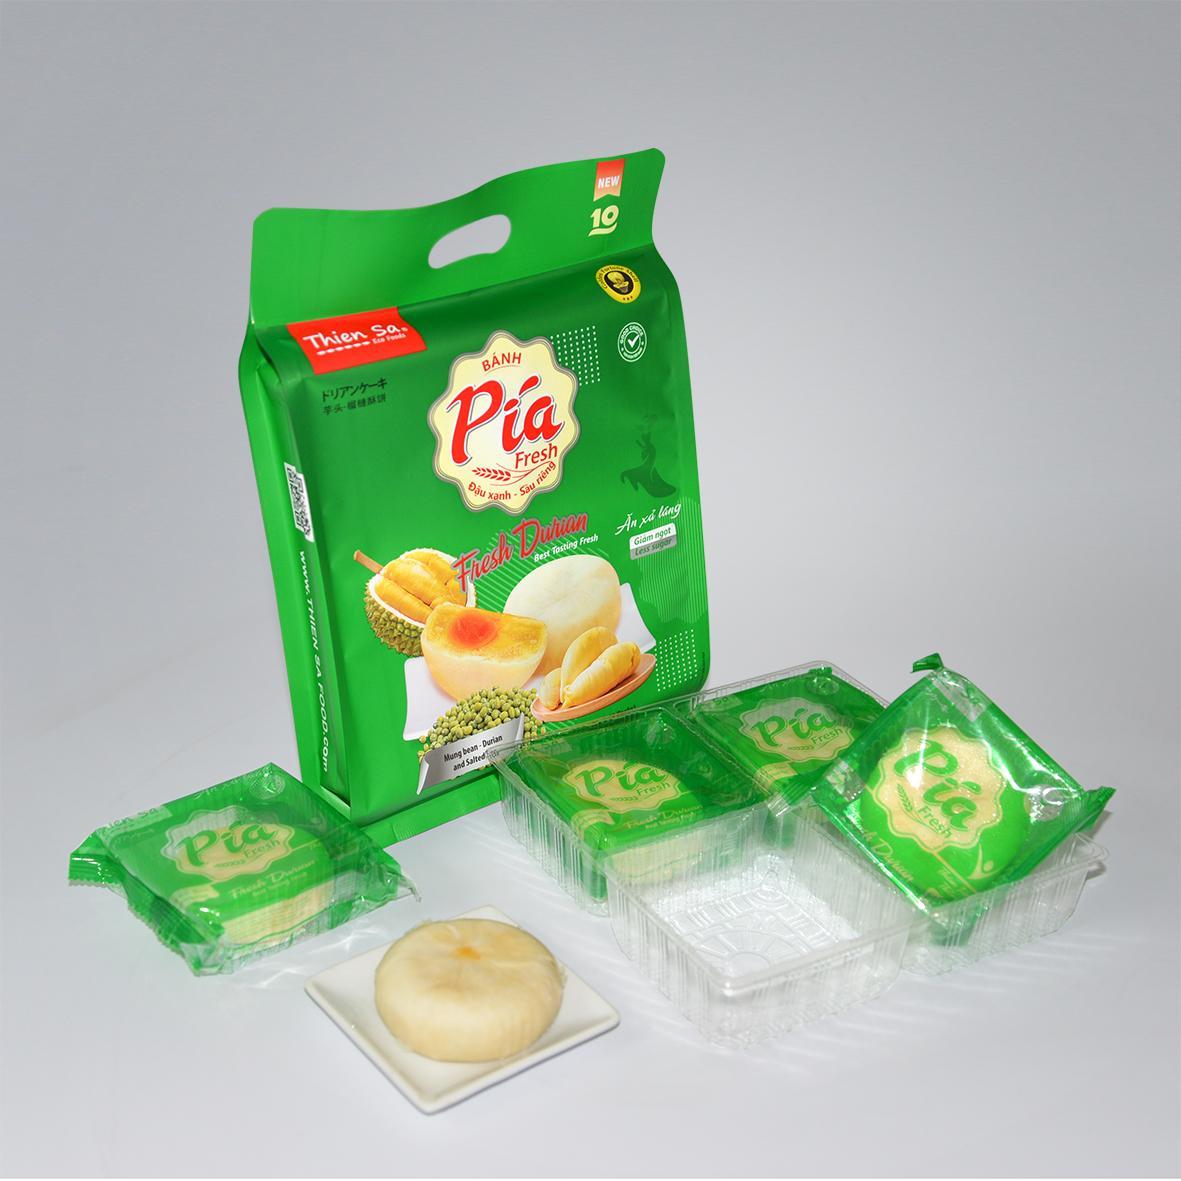 Bánh Pía sầu riêng tươi Ri6 - số 10